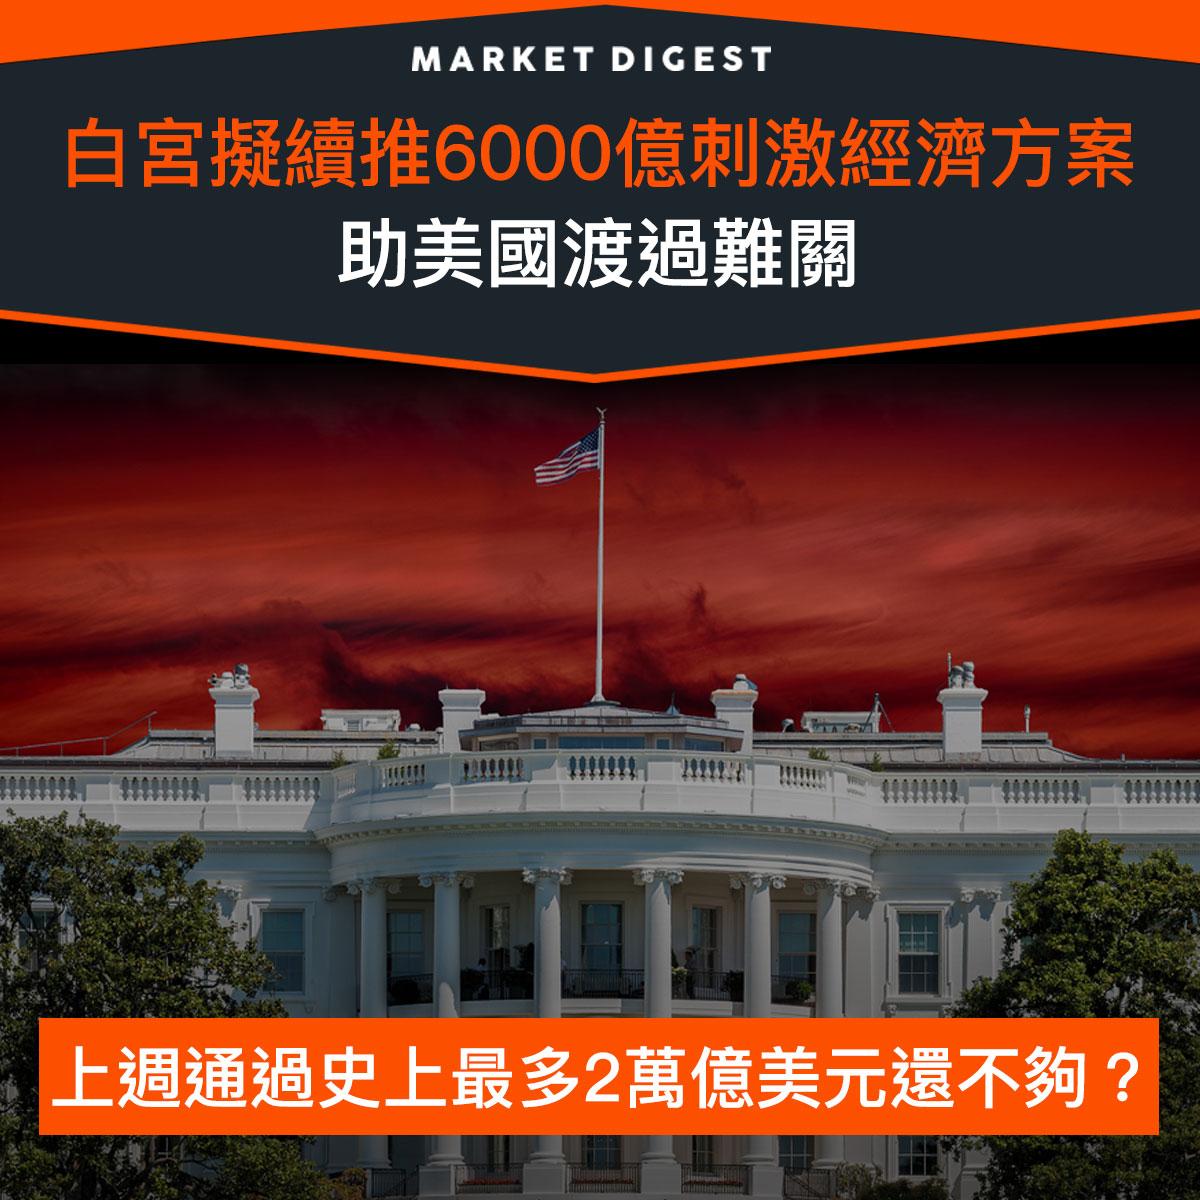 【市場熱話】白宮擬續推6000億刺激經濟方案,助美國渡過難關